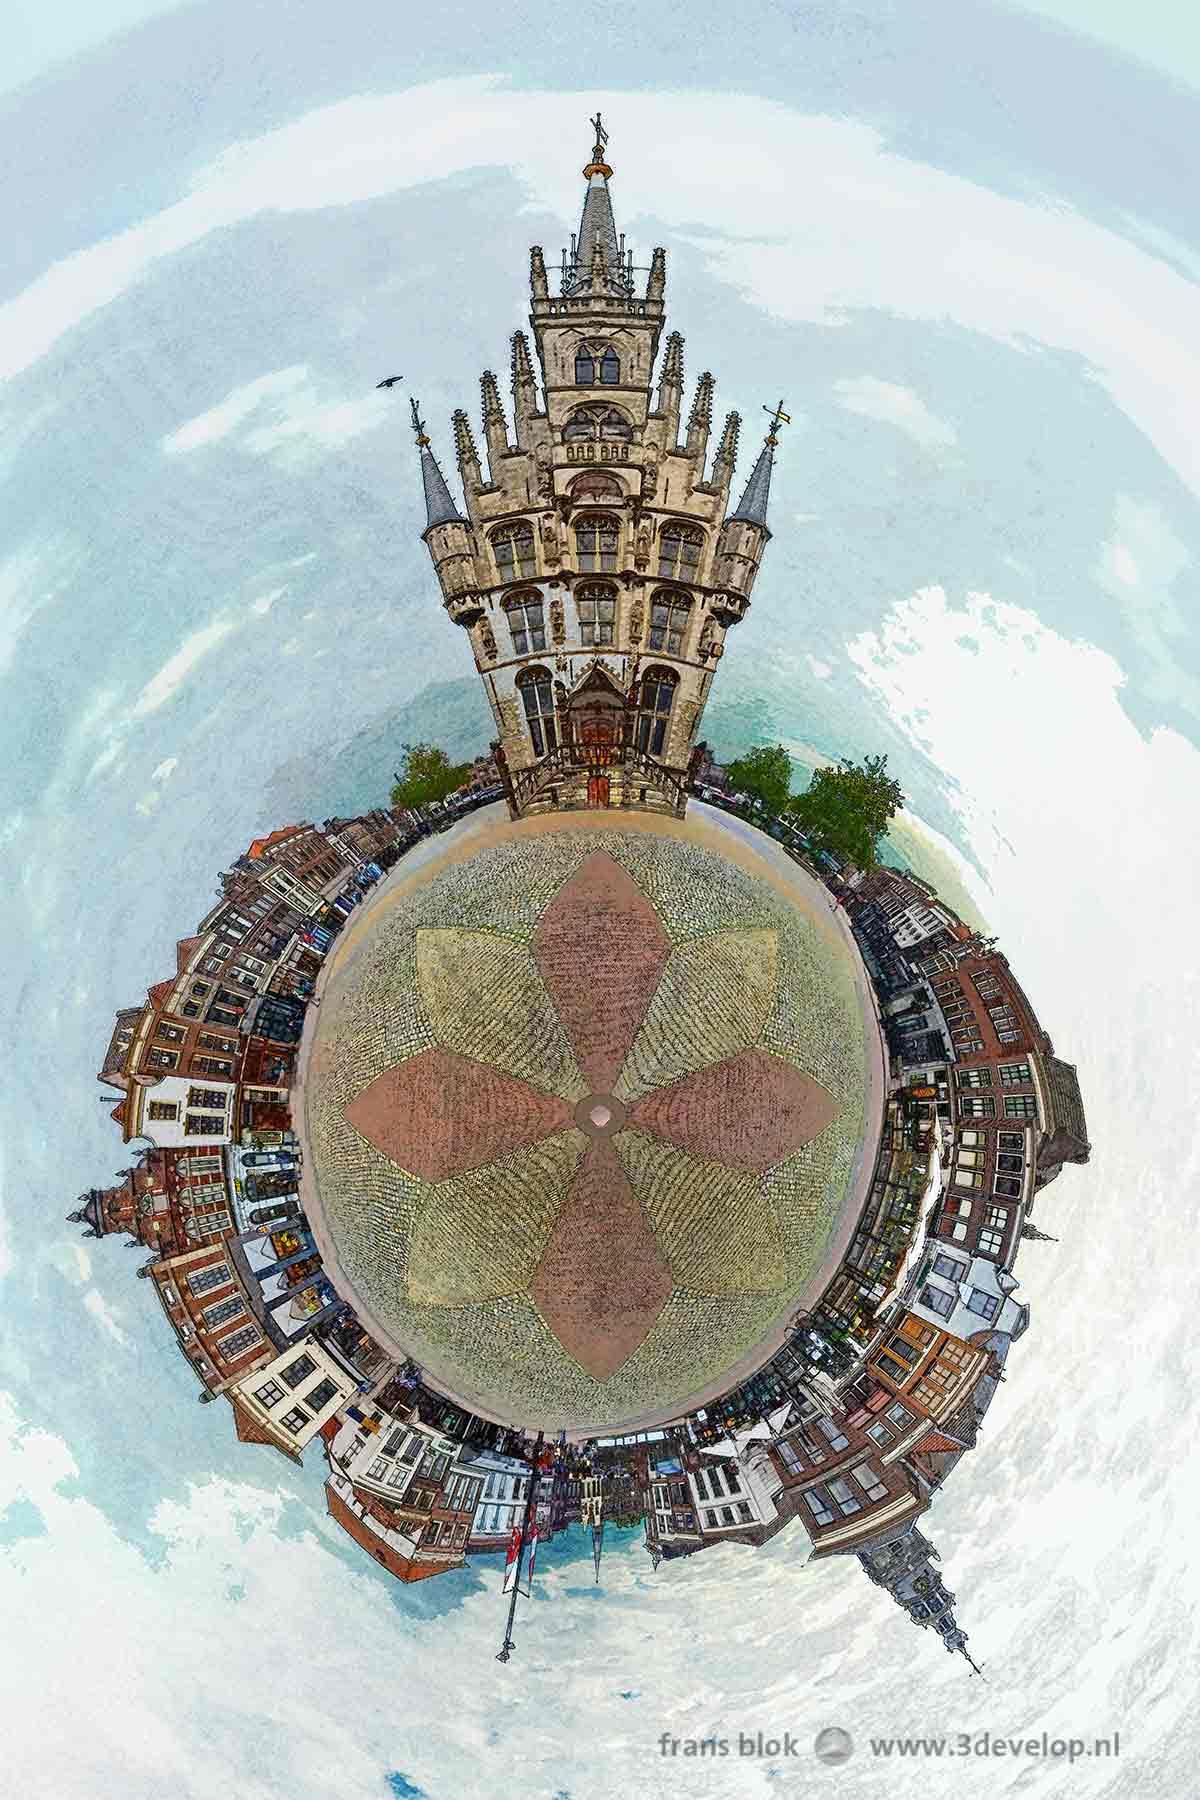 Bolvorming panorama, gemaakt van 24 foto's, aan elkaar geplakt en tot een bol vervormd in Photoshop, van de Markt en het stadhuis in Gouda